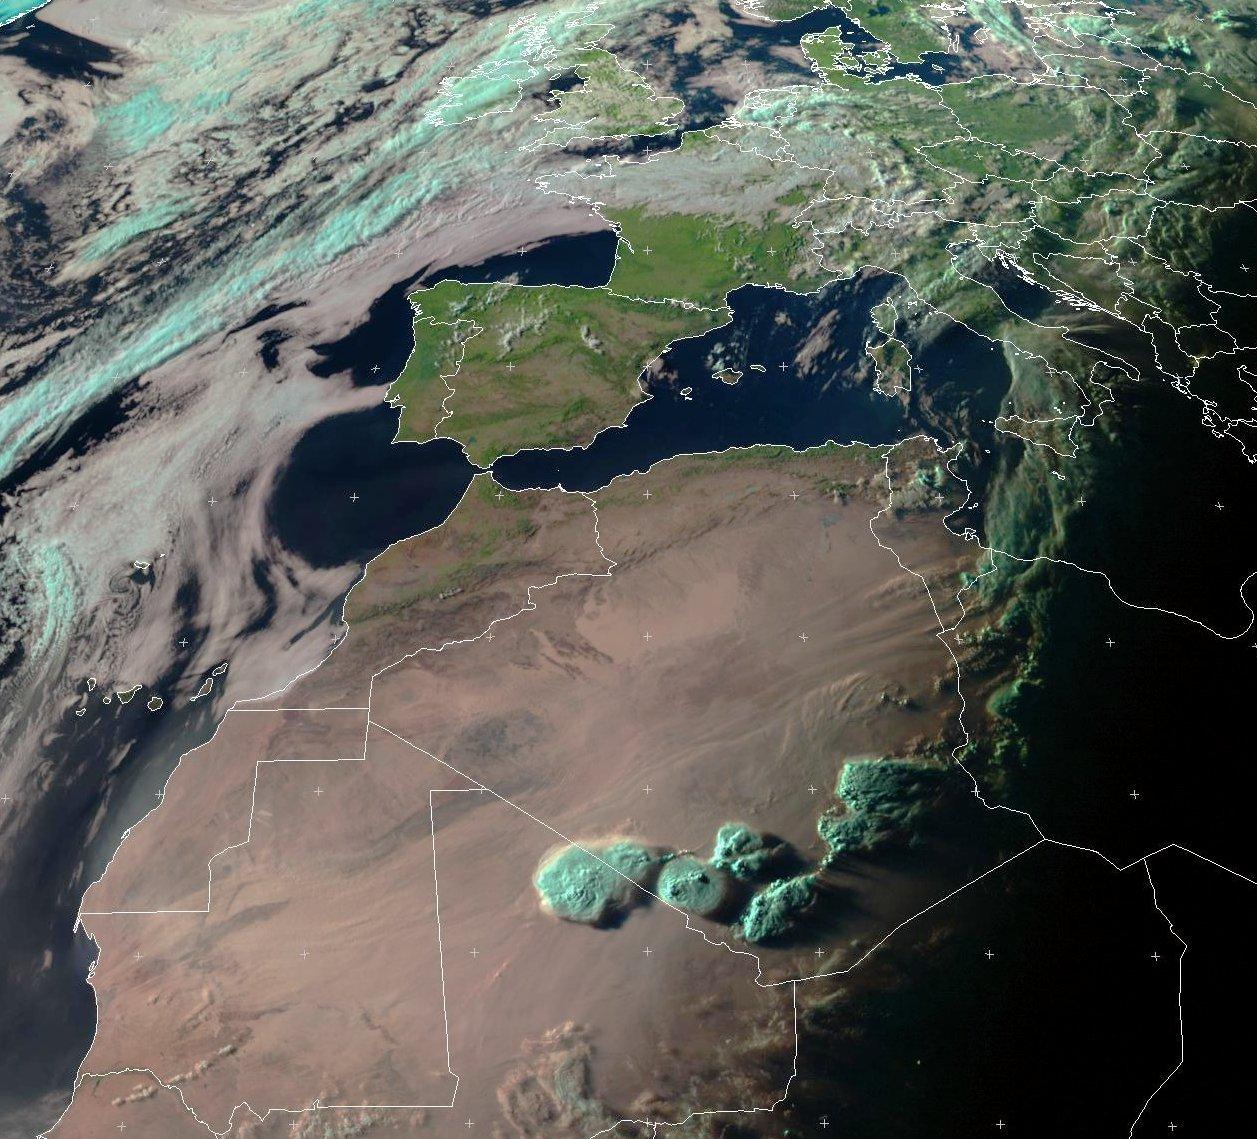 Meteosat - jour de l'été - 21 juin 2016 - Nuages - Algérie - Mali - Sahara - Meteosat - Eumetsat